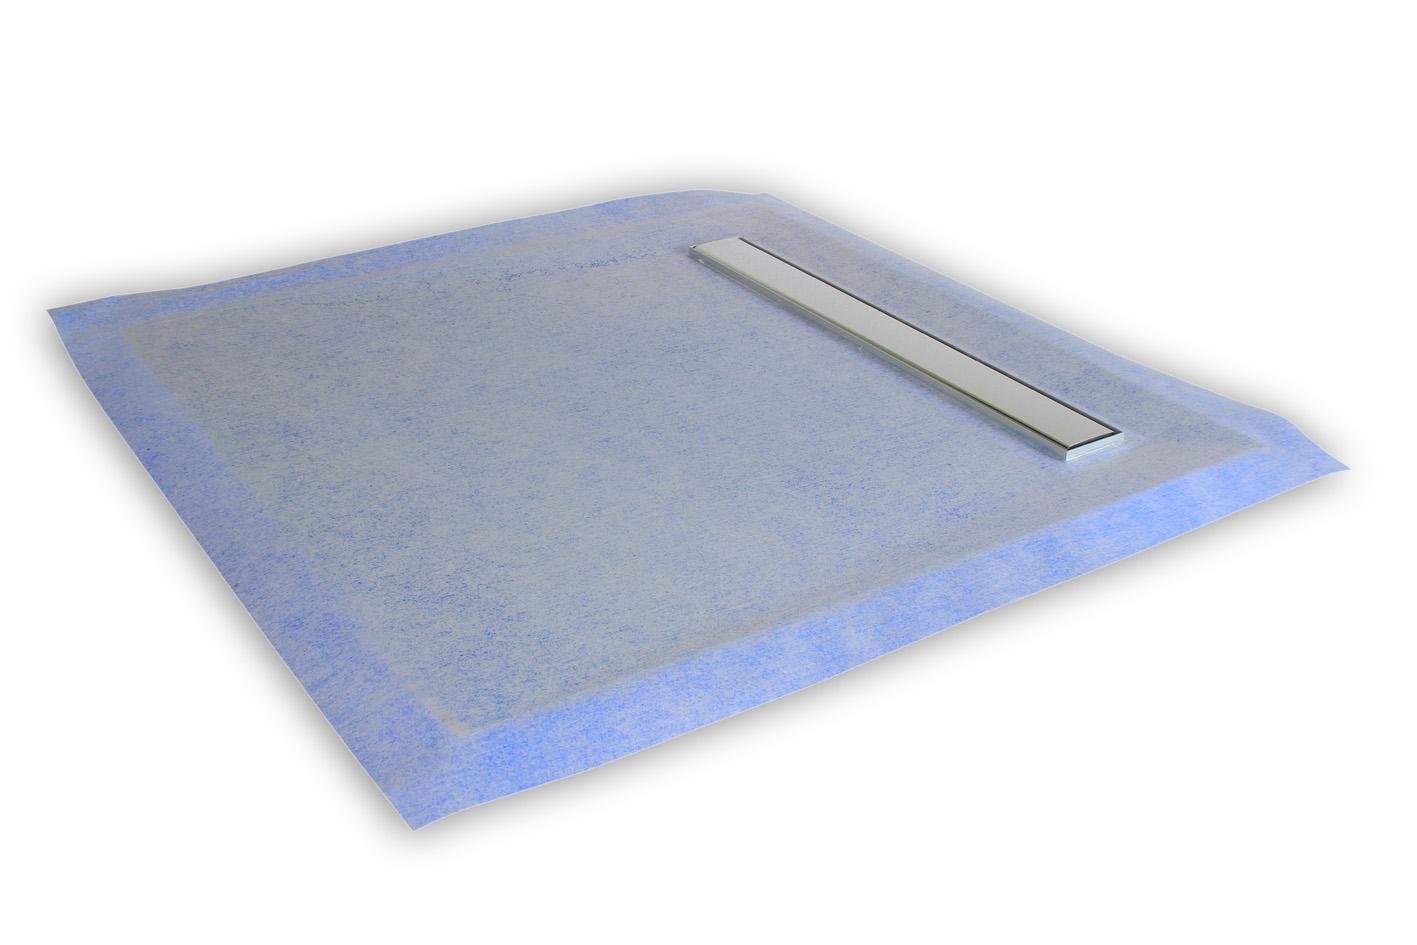 duschboard mit rinne 90 120cm duschelemente zum verfliesen duschwannen duschen. Black Bedroom Furniture Sets. Home Design Ideas